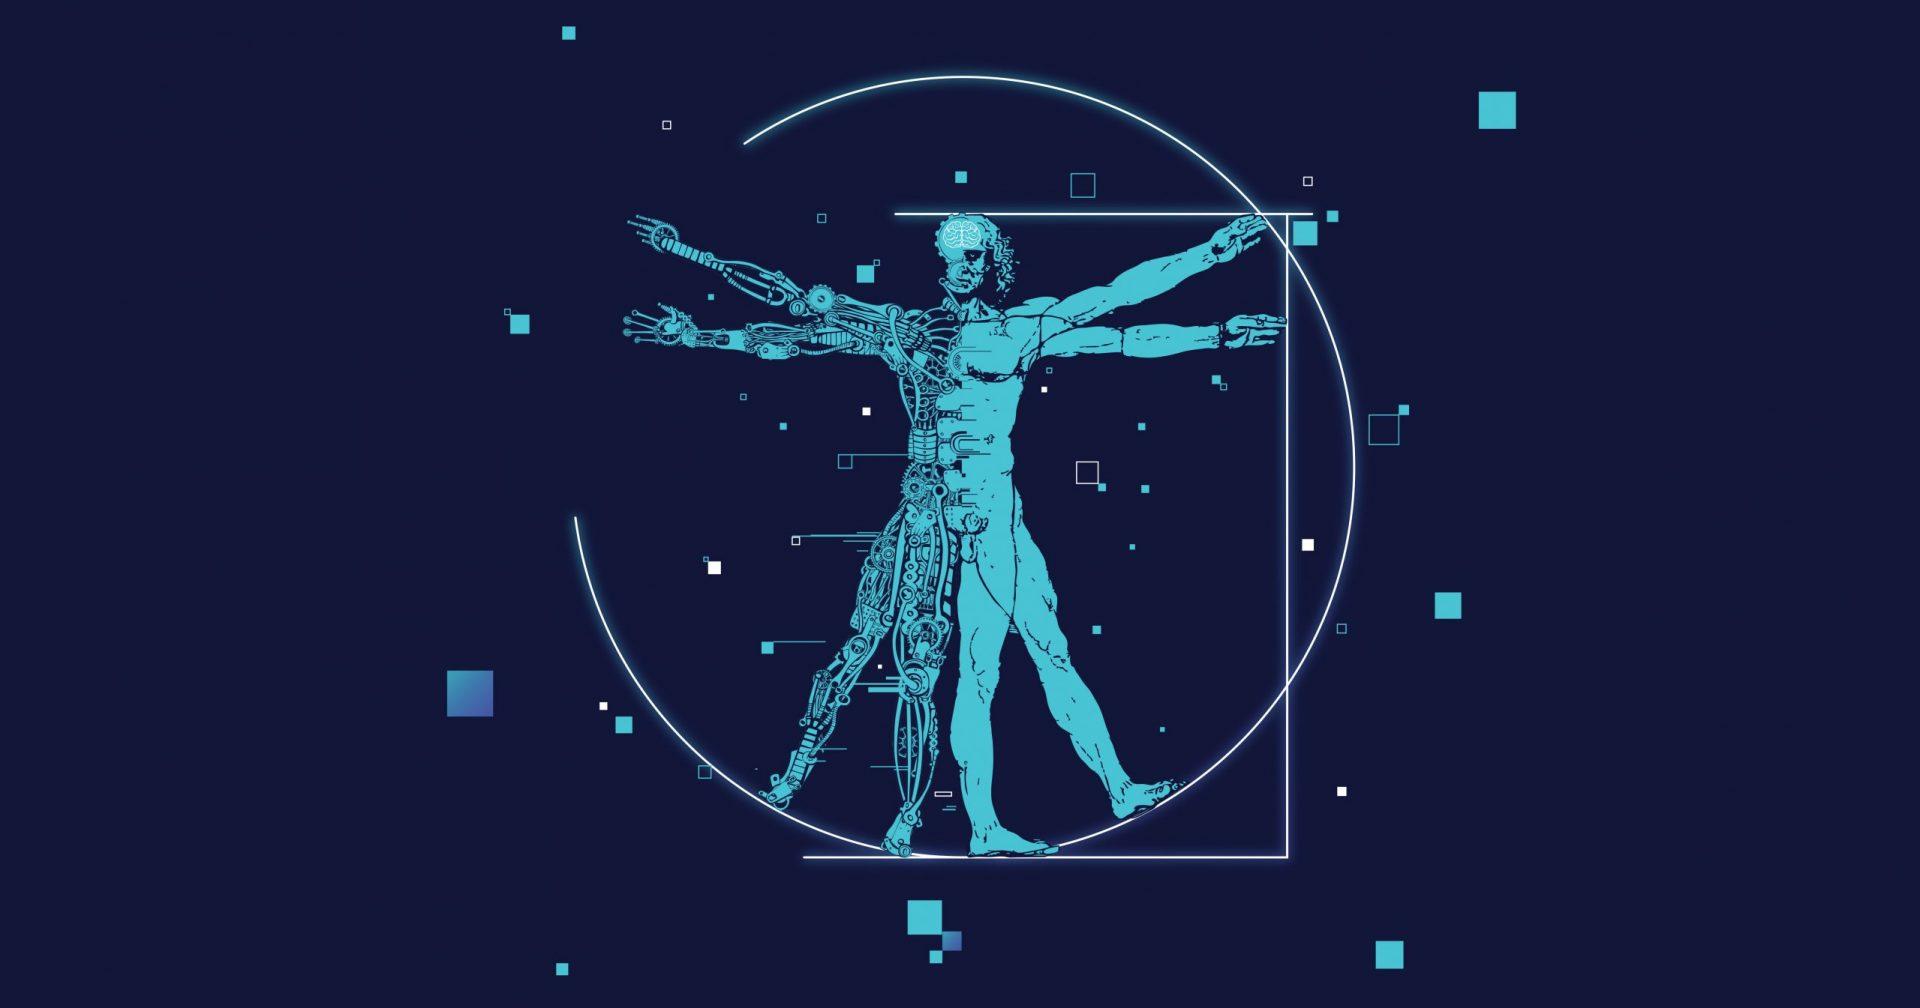 Τεχνητή Νοημοσύνη: μία διακριτική απομυθοποίηση